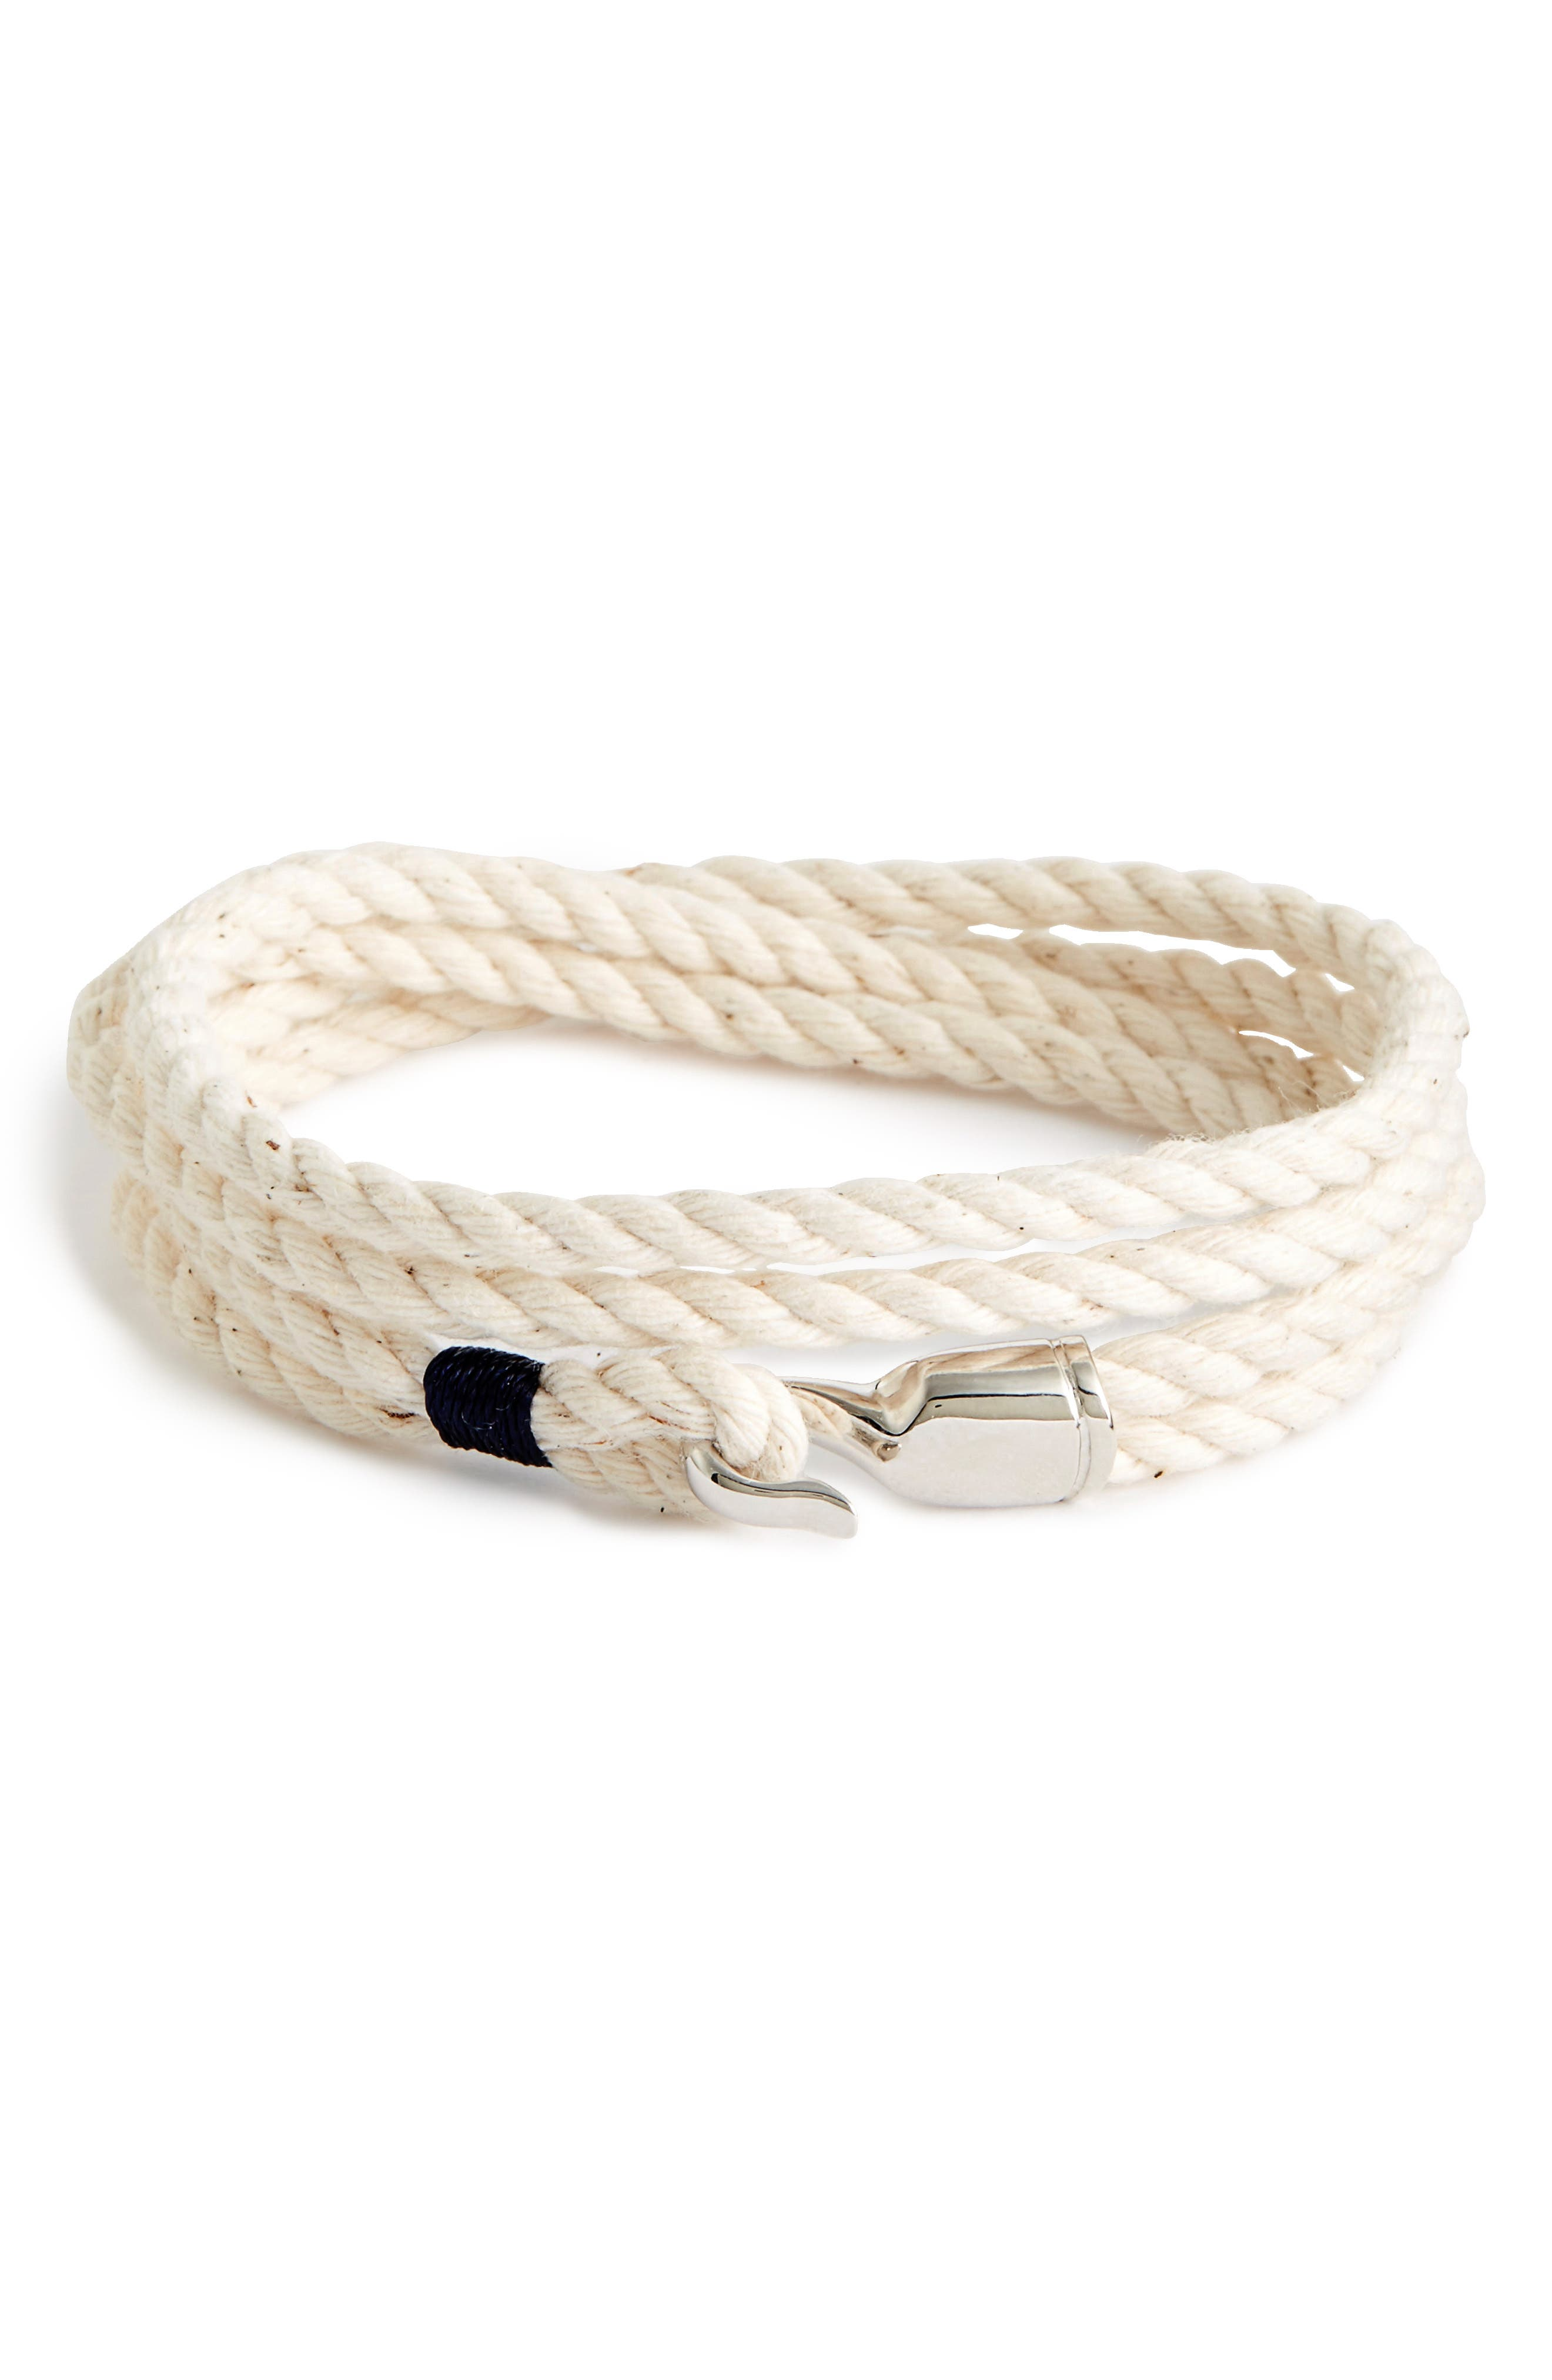 Miansai 'Trice' Wrap Rope Bracelet